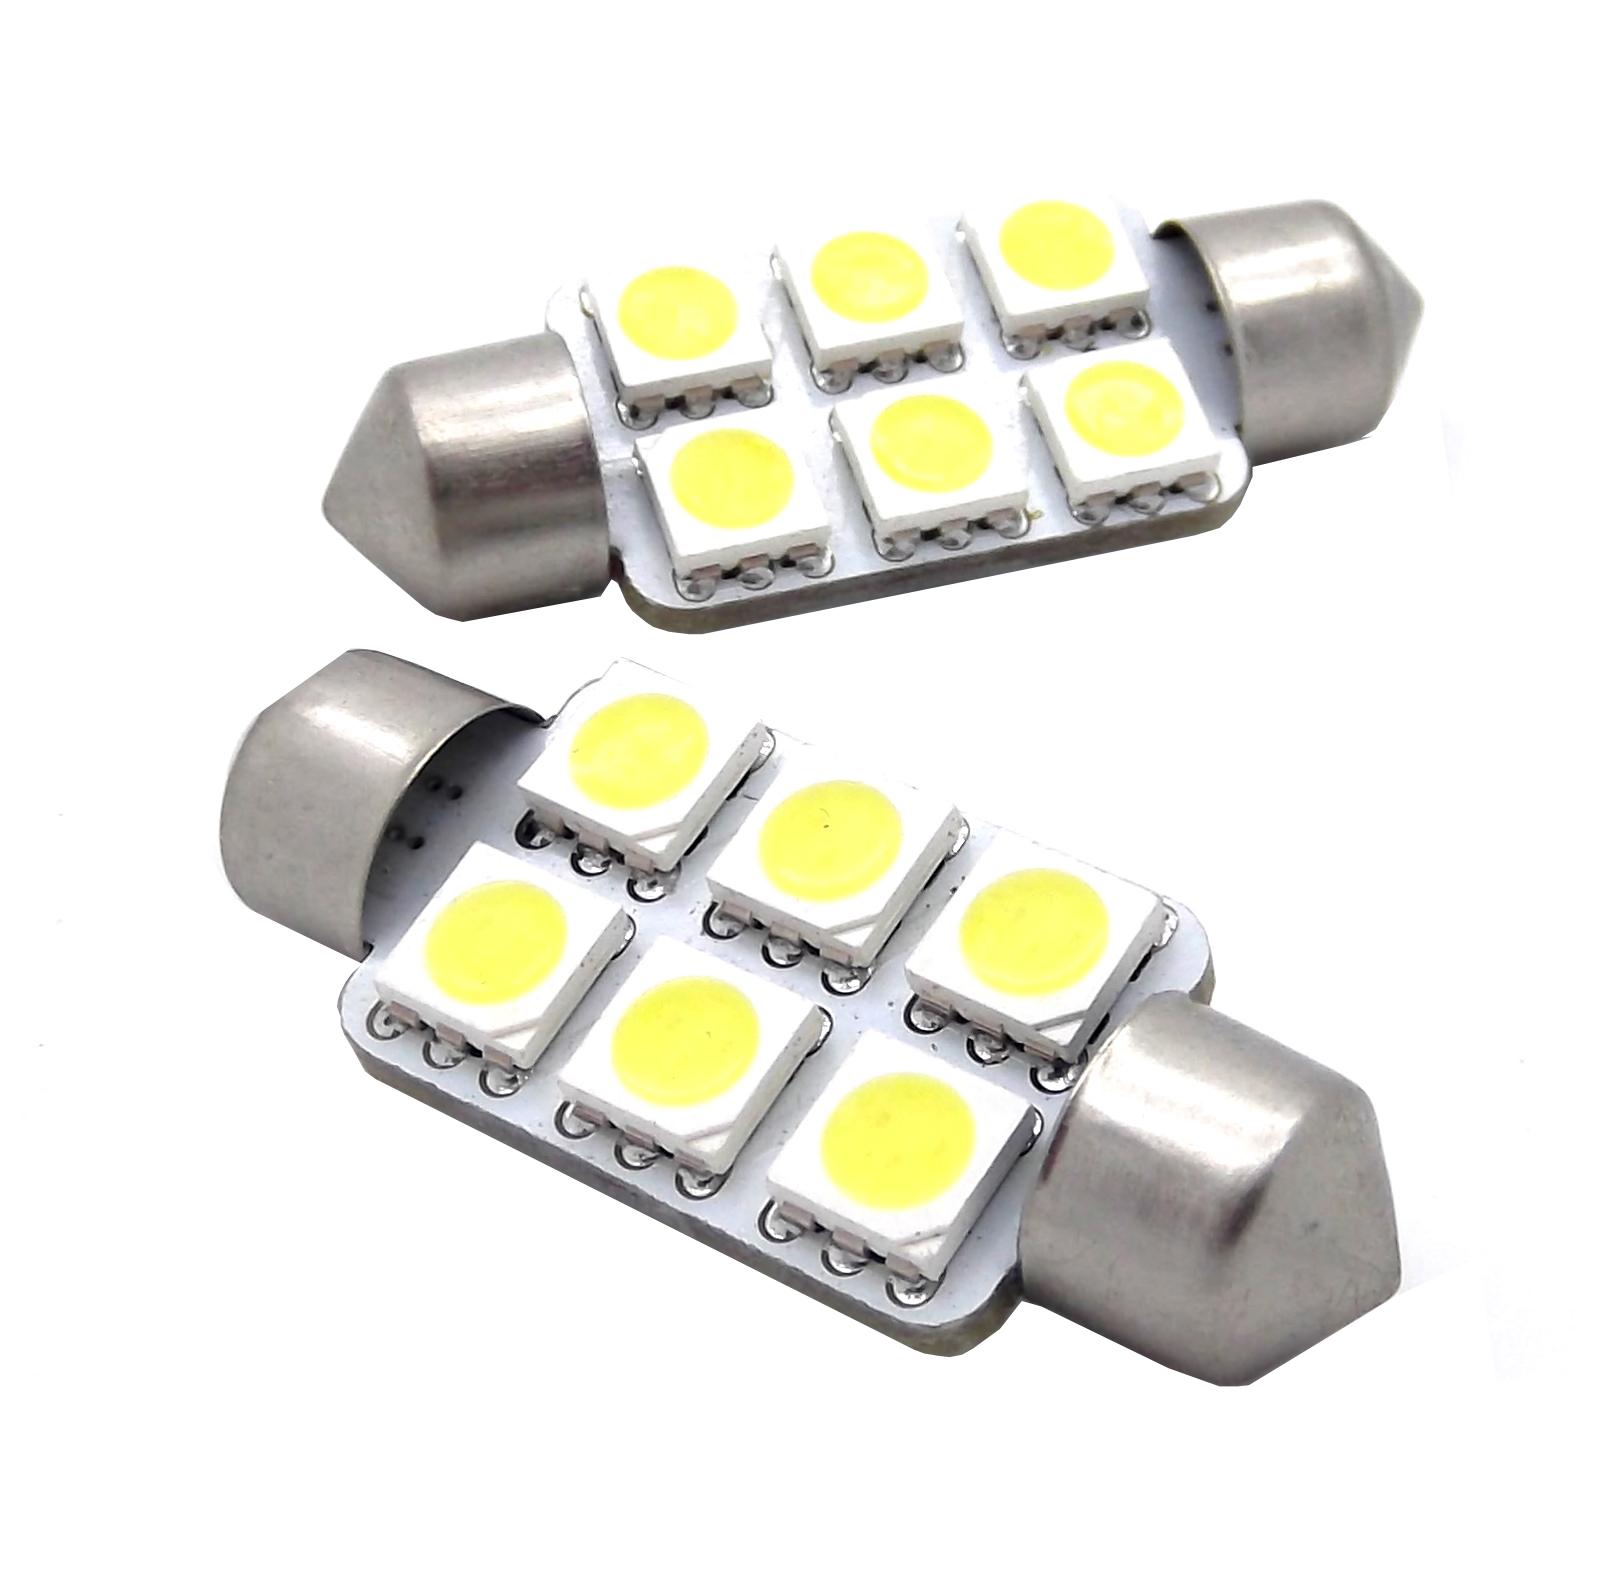 las bombillas led coche las podemos encontrar de muchos colores la ms habitual es la blanca pero tambin se fabrican en amarillo azul verde rojo etc